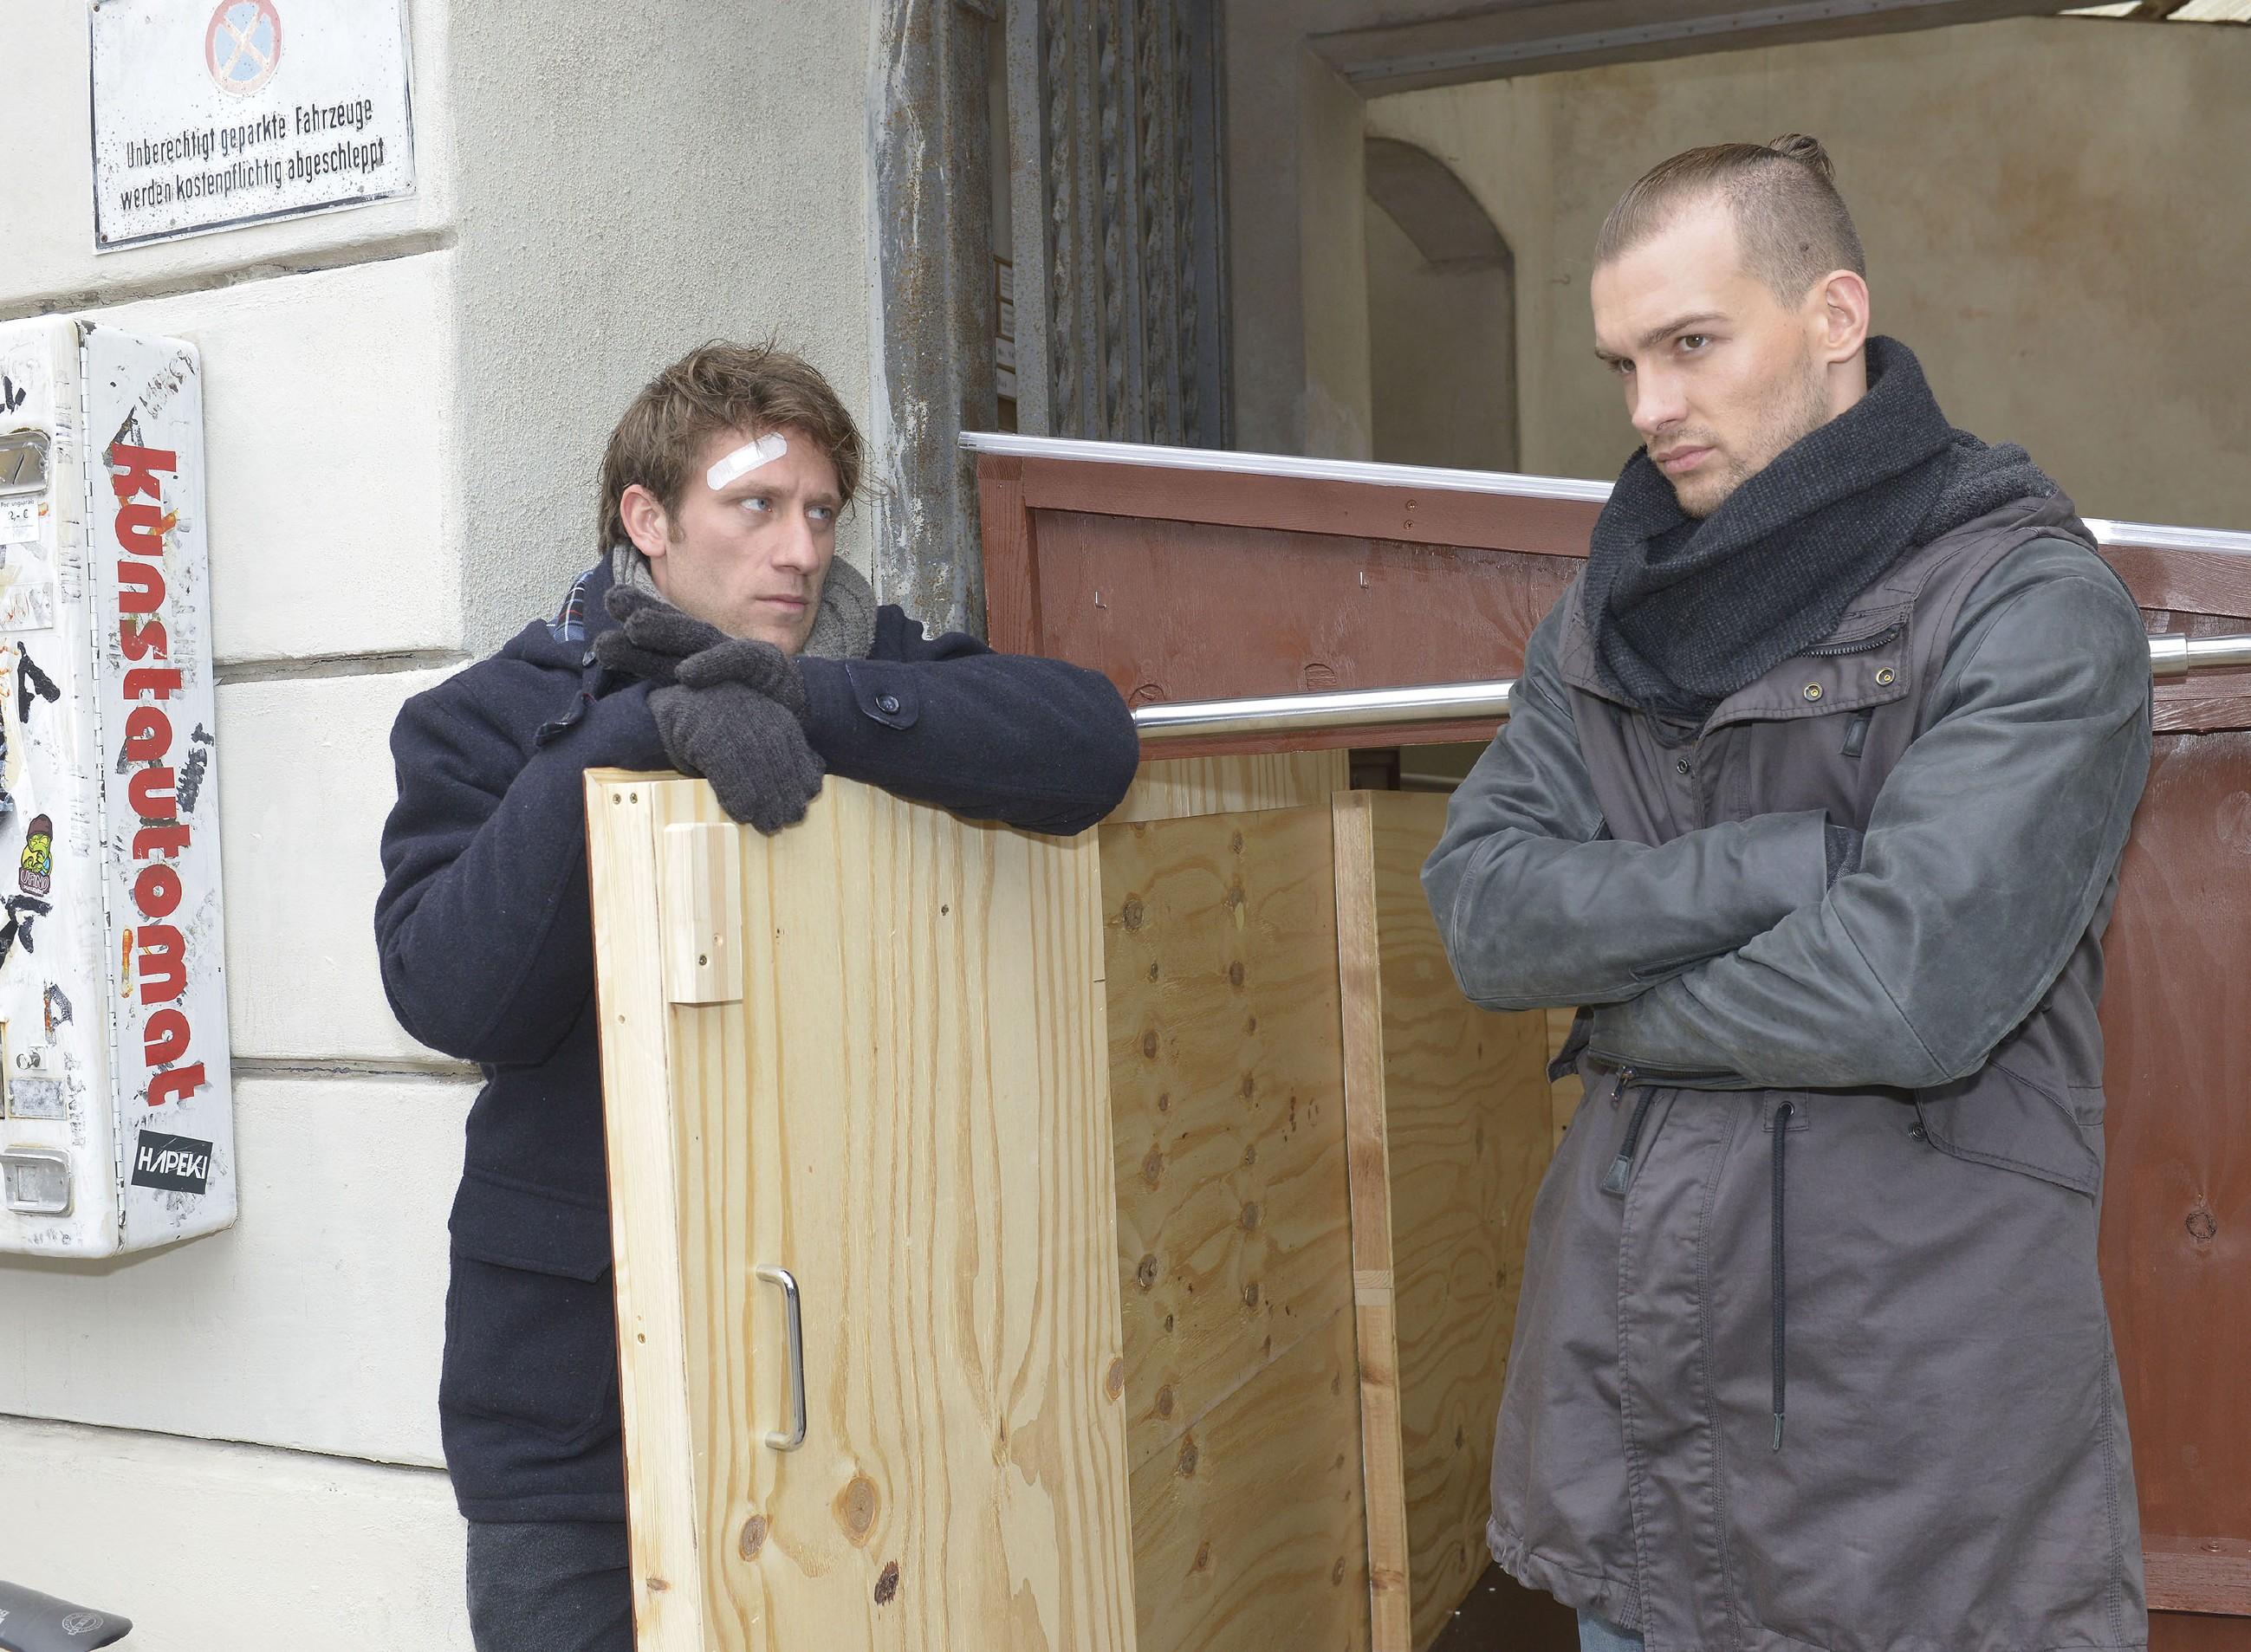 Till (Merlin Leonhardt, l.) und Chris (Eric Stehfest) hoffen, dass ihr Obdachlosenprojekt funktionieren wird. (Quelle: RTL / Rolf Baumgartner)